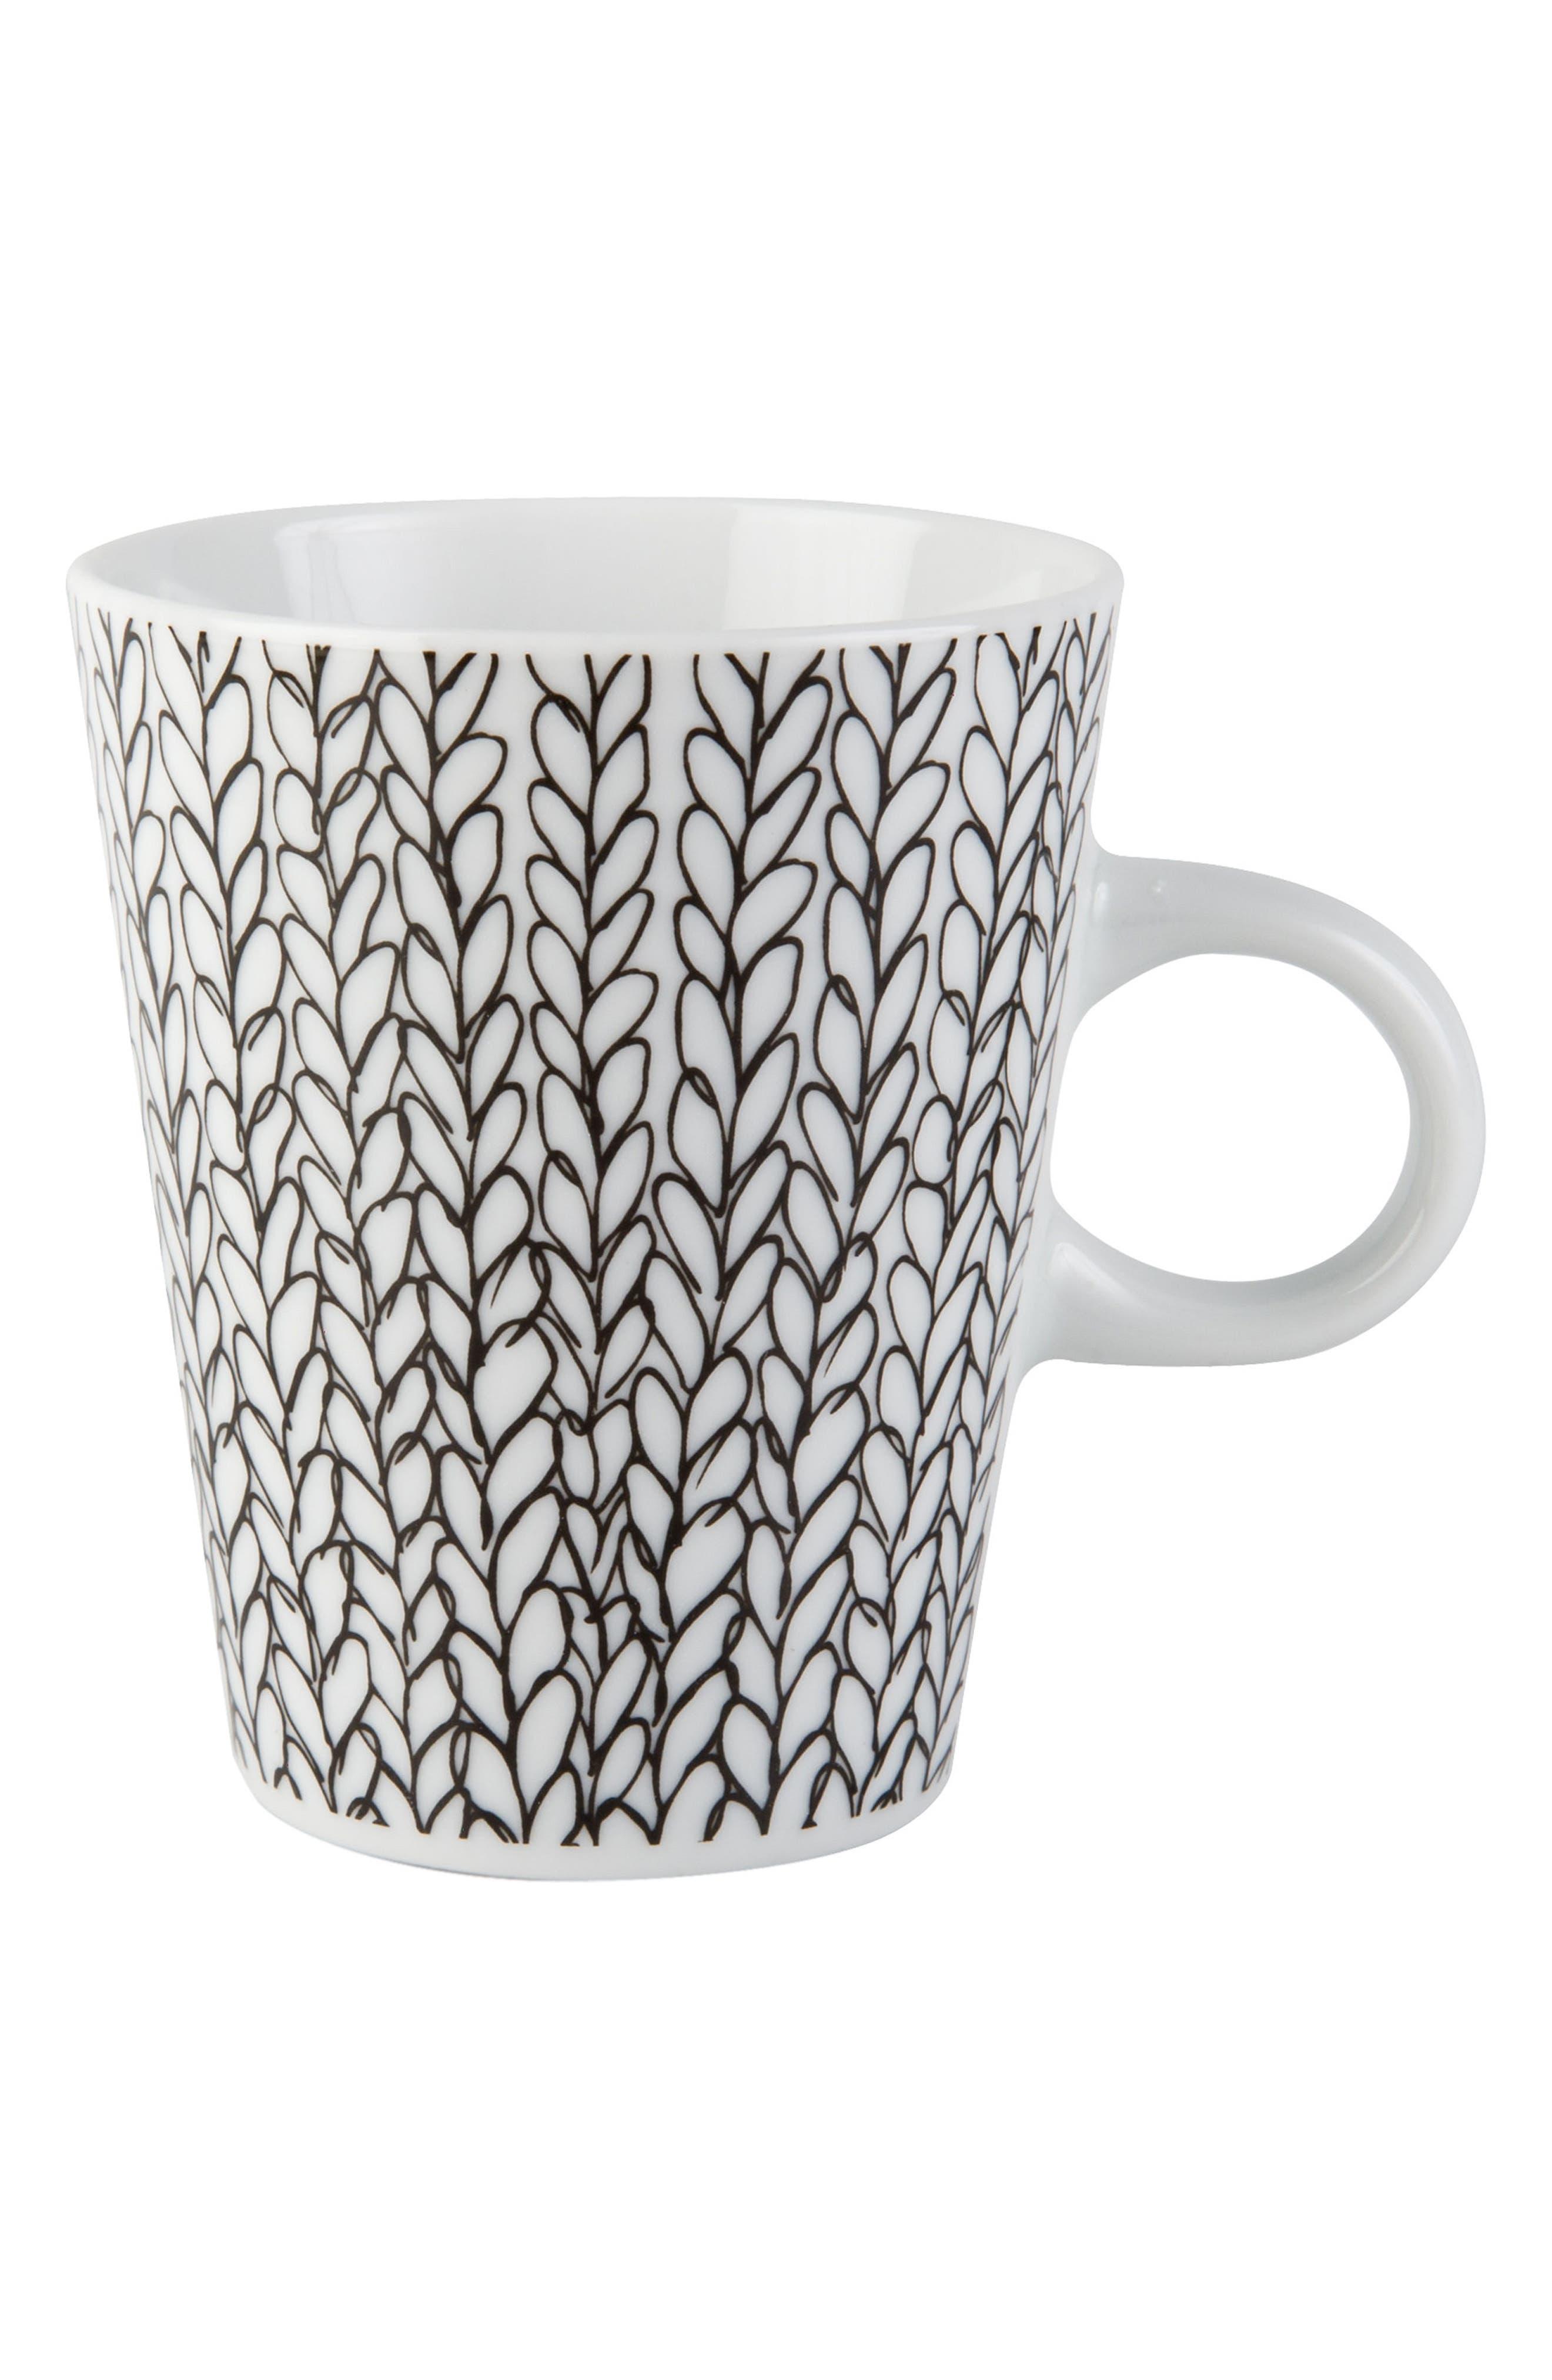 Patterned Porcelain Mug,                         Main,                         color, 100